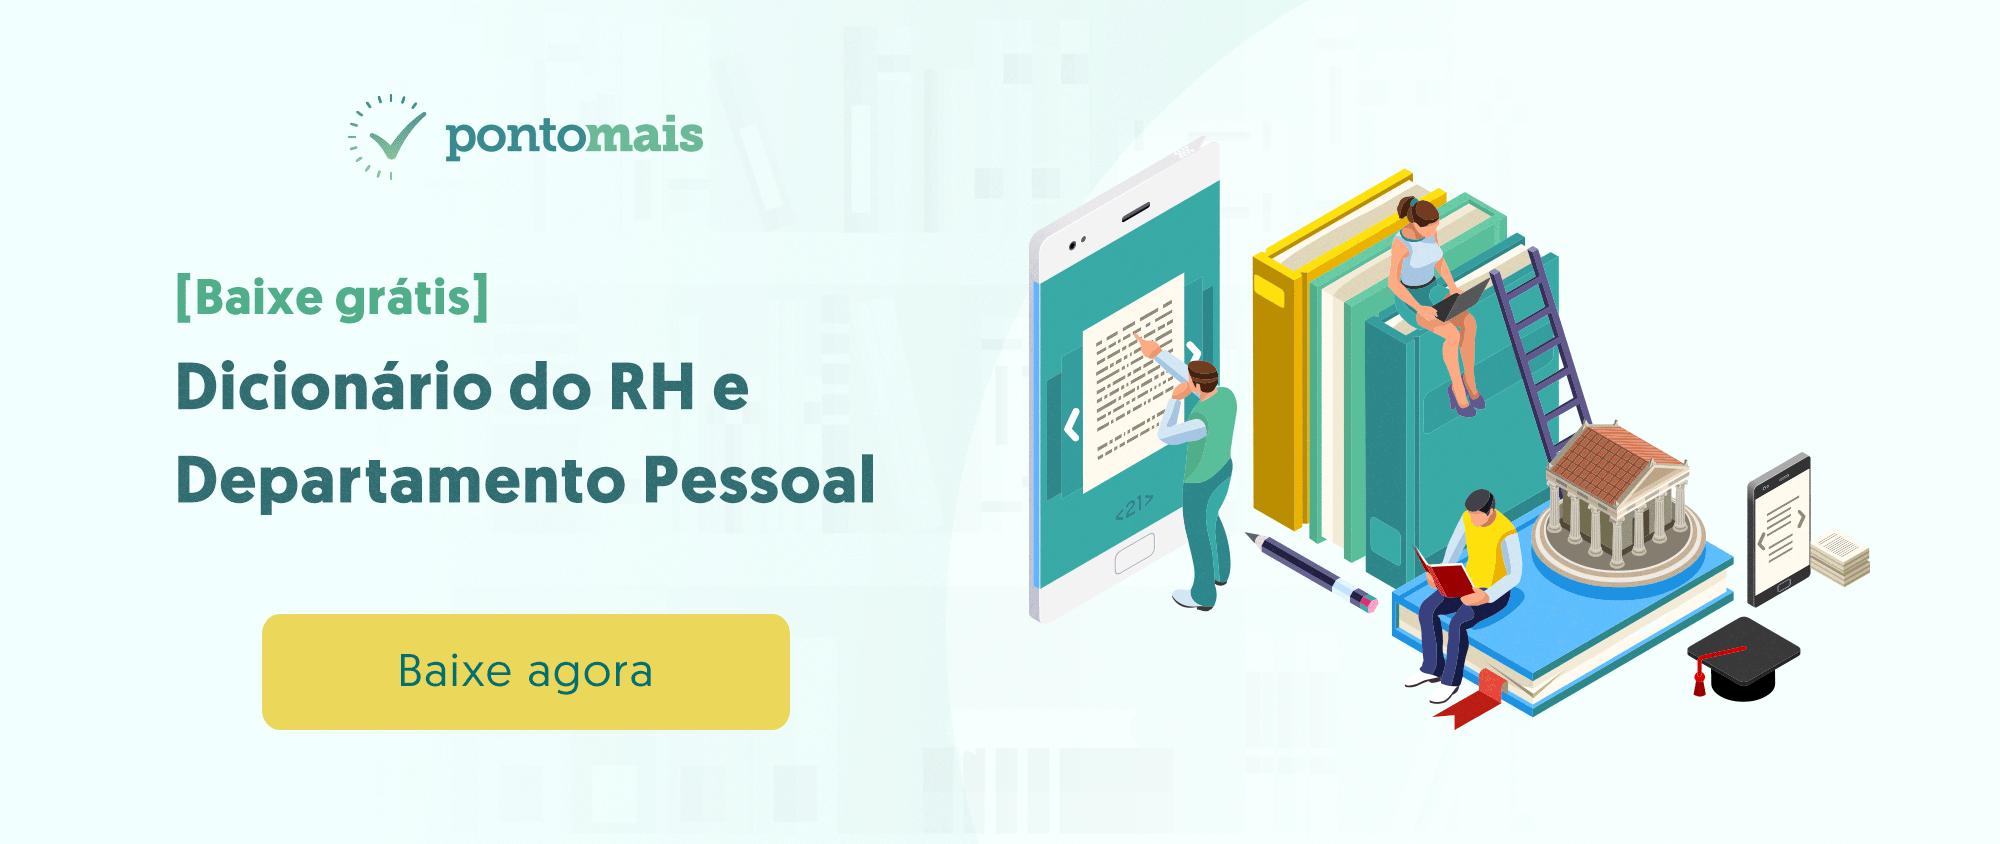 Principais indicadores de desempenho para o RH e como calcular Pontomais